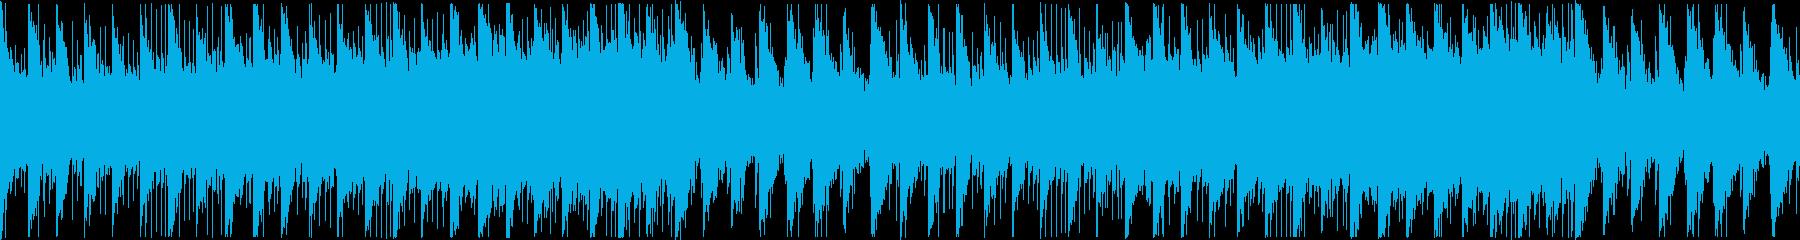 POPS風の優しいBGMの再生済みの波形